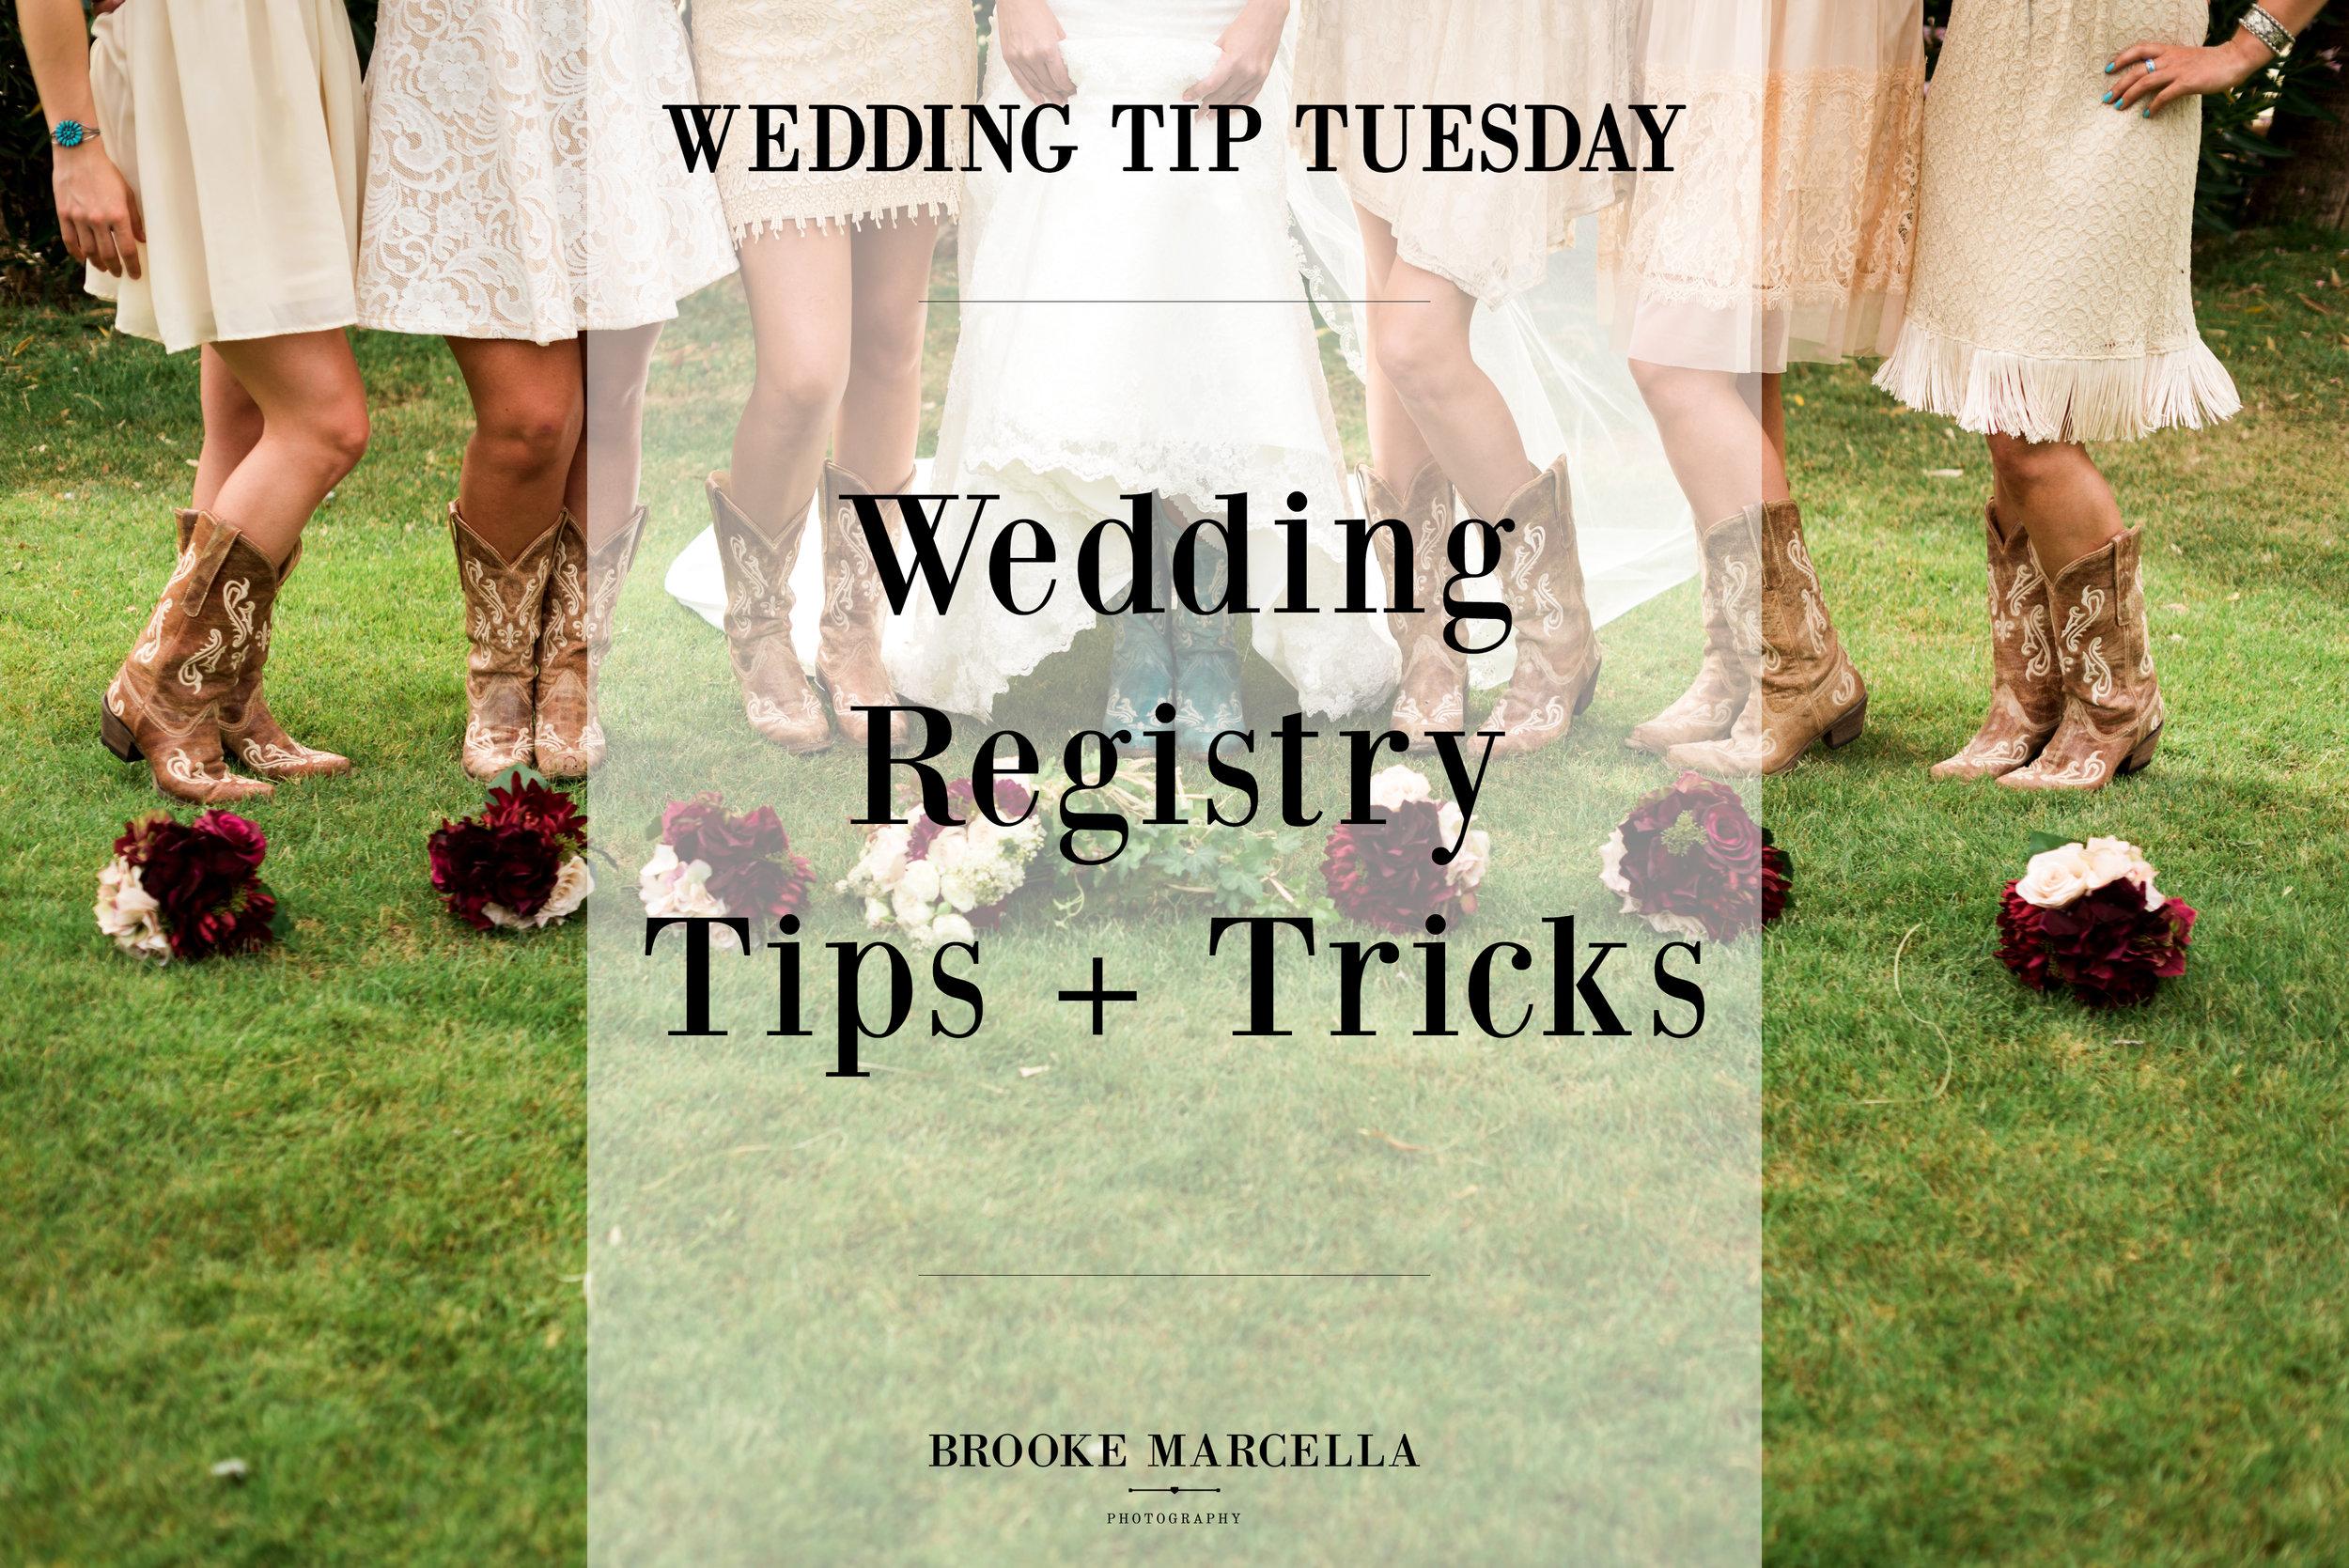 Wedding Registry Tips + Tricks